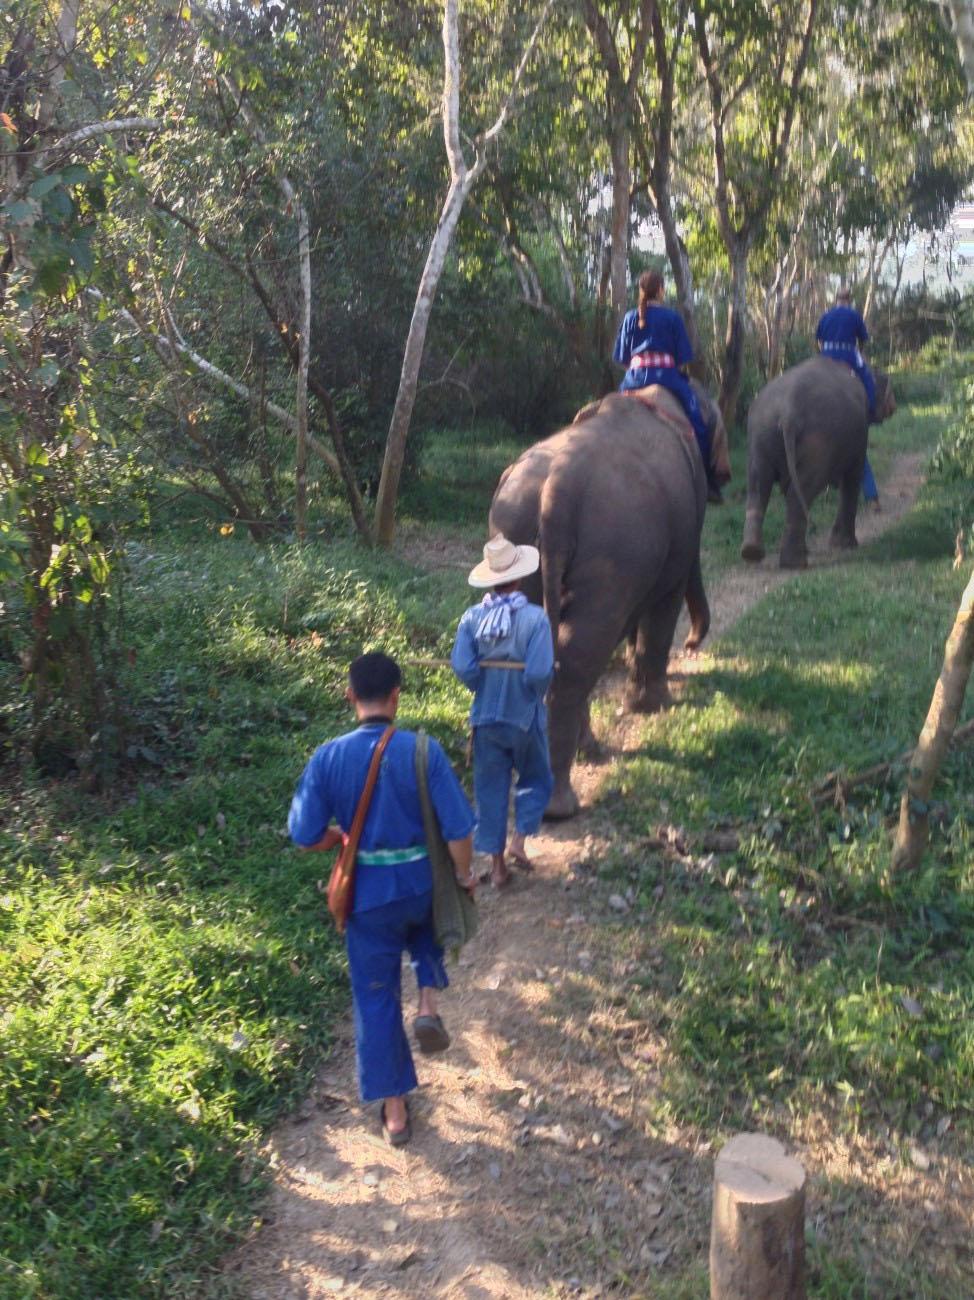 Polo. With Elephants?